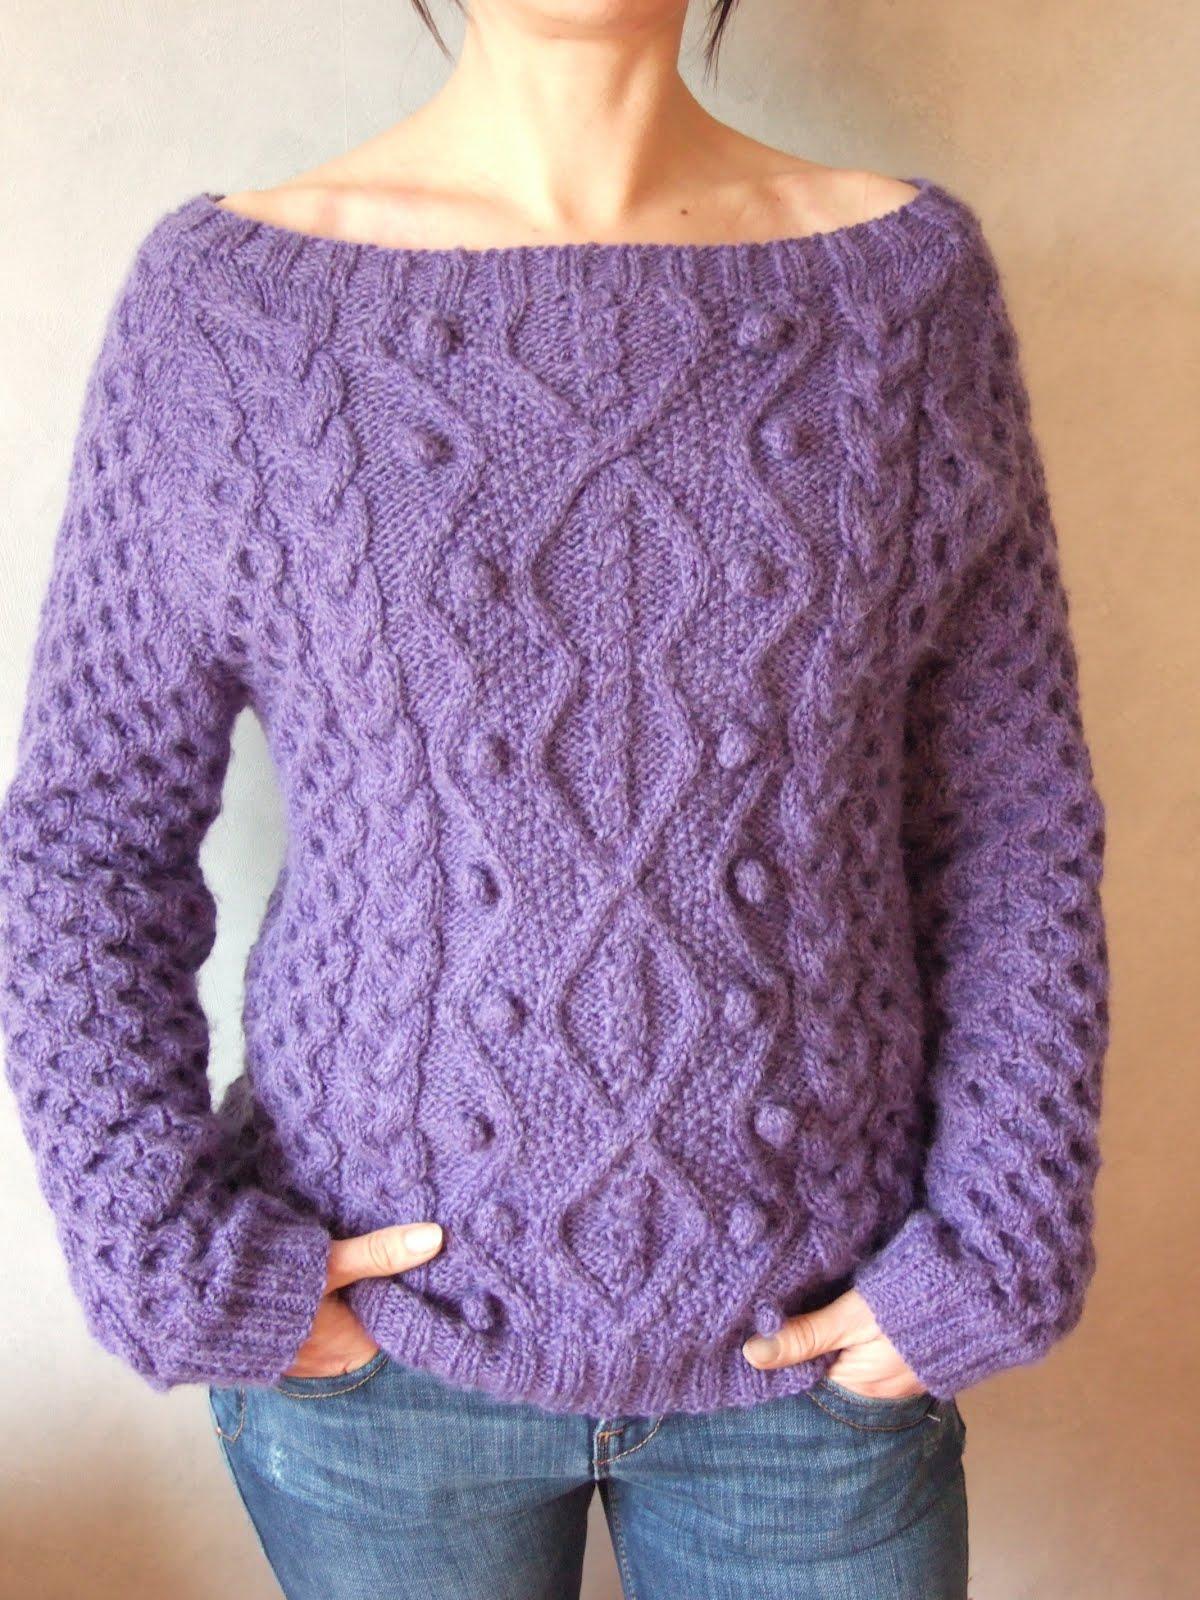 Tricolyne pull irlandais version violet for Bergere de france miroir